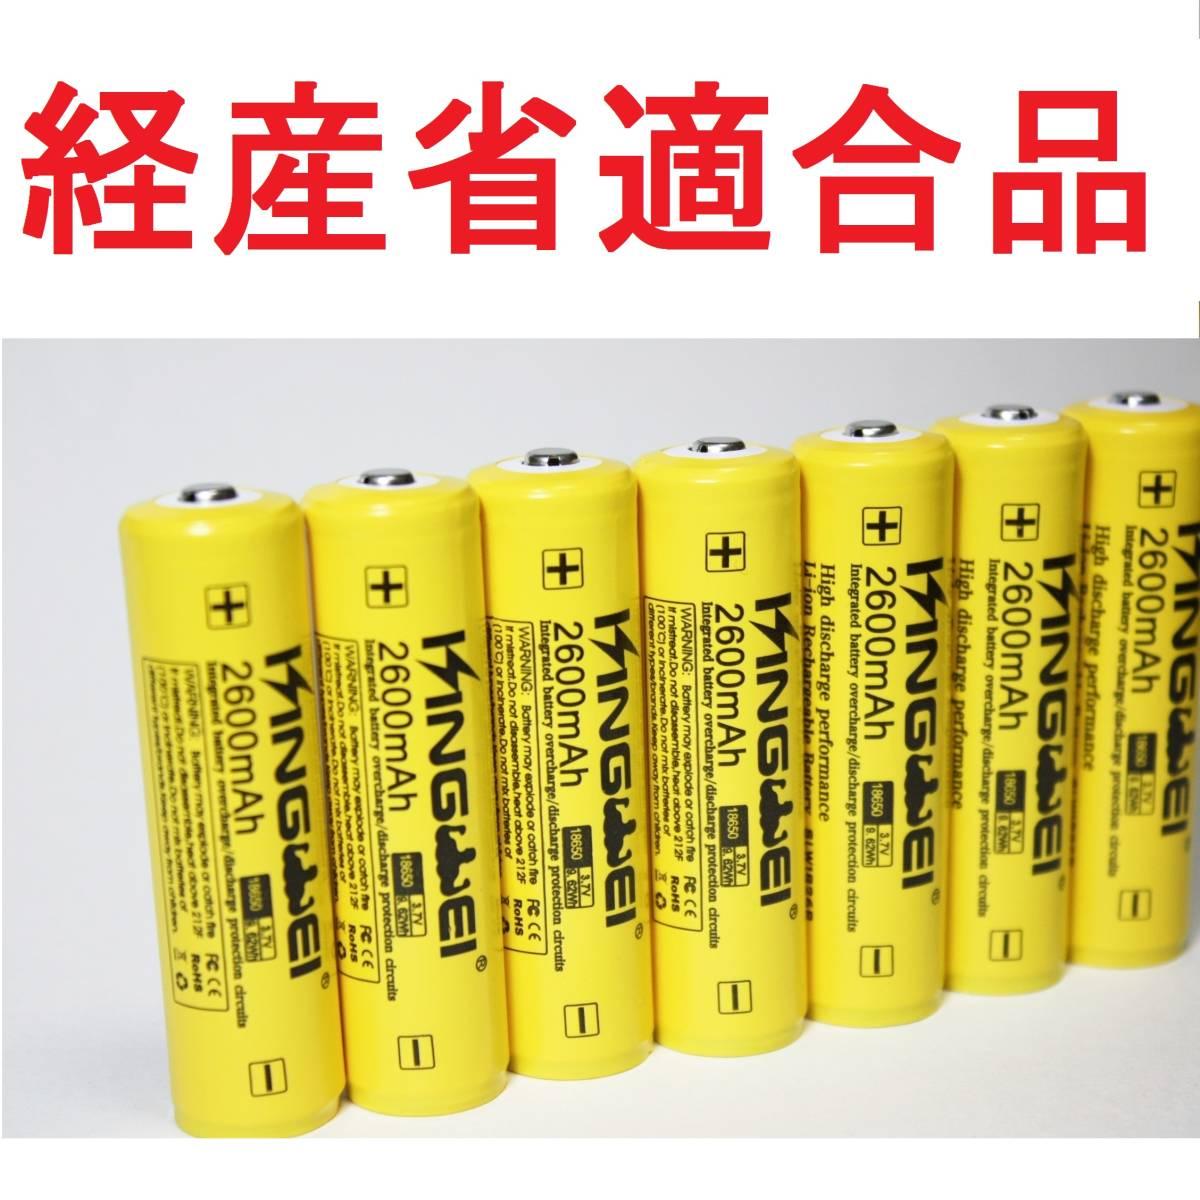 正規容量 18650 経済産業省適合品 大容量 リチウムイオン 充電池 バッテリー 懐中電灯 ヘッドライト06_画像1